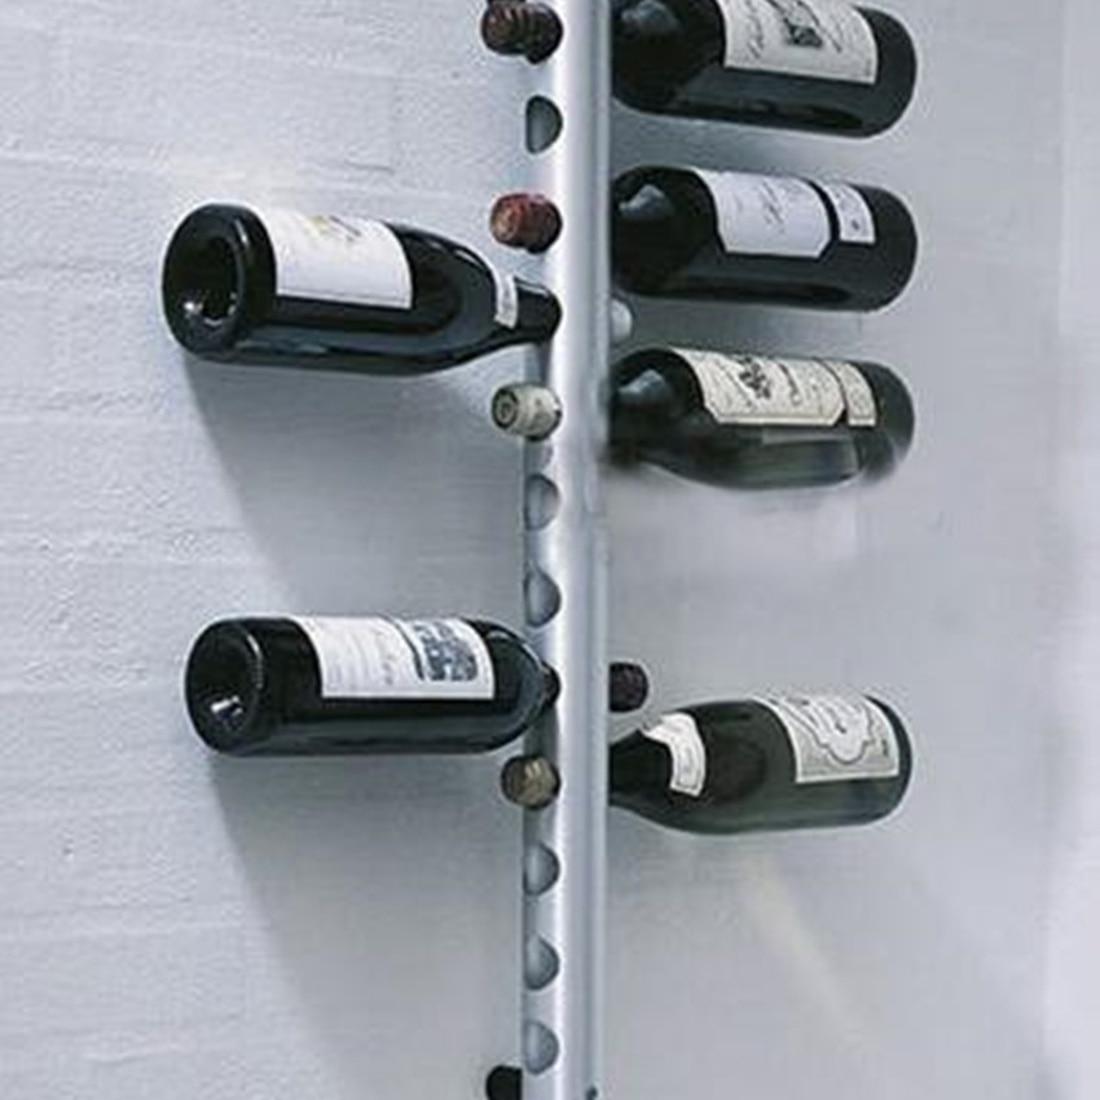 კრეატიული ღვინის თაროს - სამზარეულო, სასადილო და ბარი - ფოტო 4